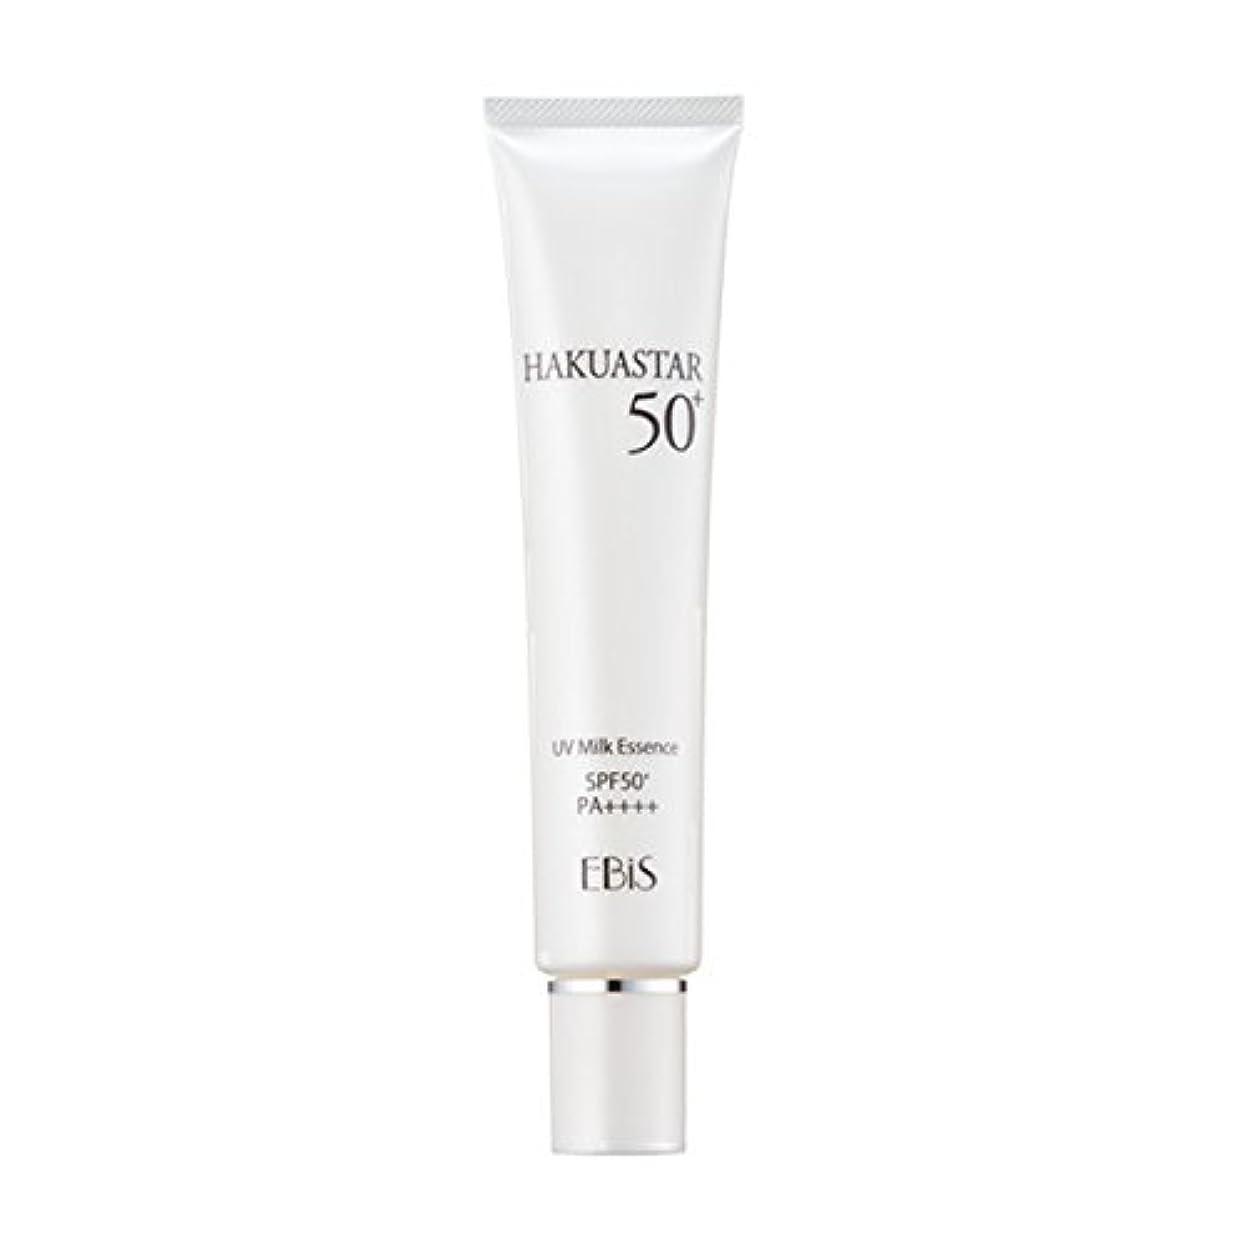 岩つまずくうめき声エビス化粧品(EBiS) ハクアスター 40g SPF50PA+++ UVクリーム(日焼け止め) 紫外線対策 化粧下地としても使える